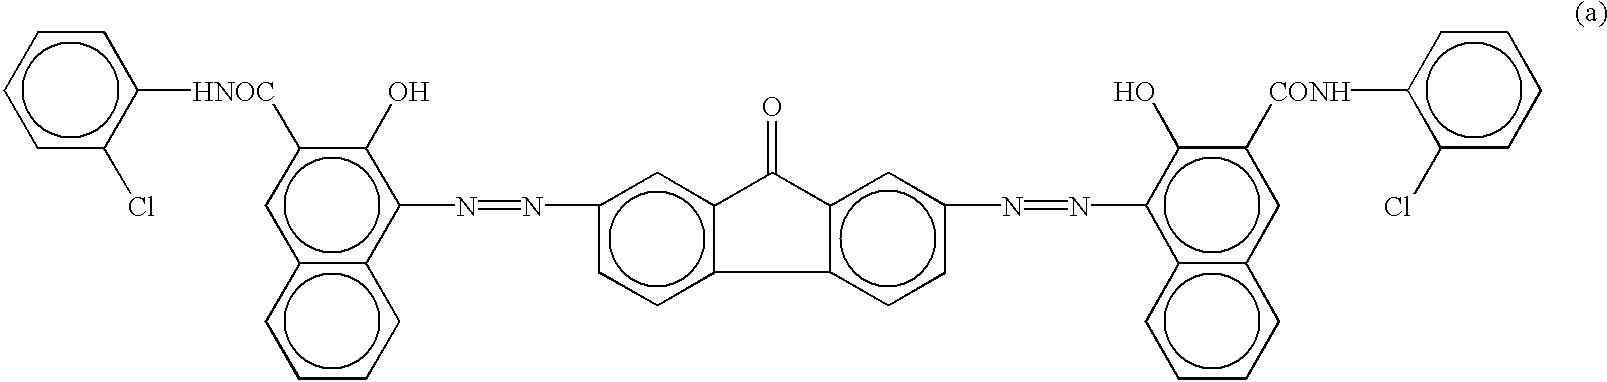 Figure US06521386-20030218-C00001